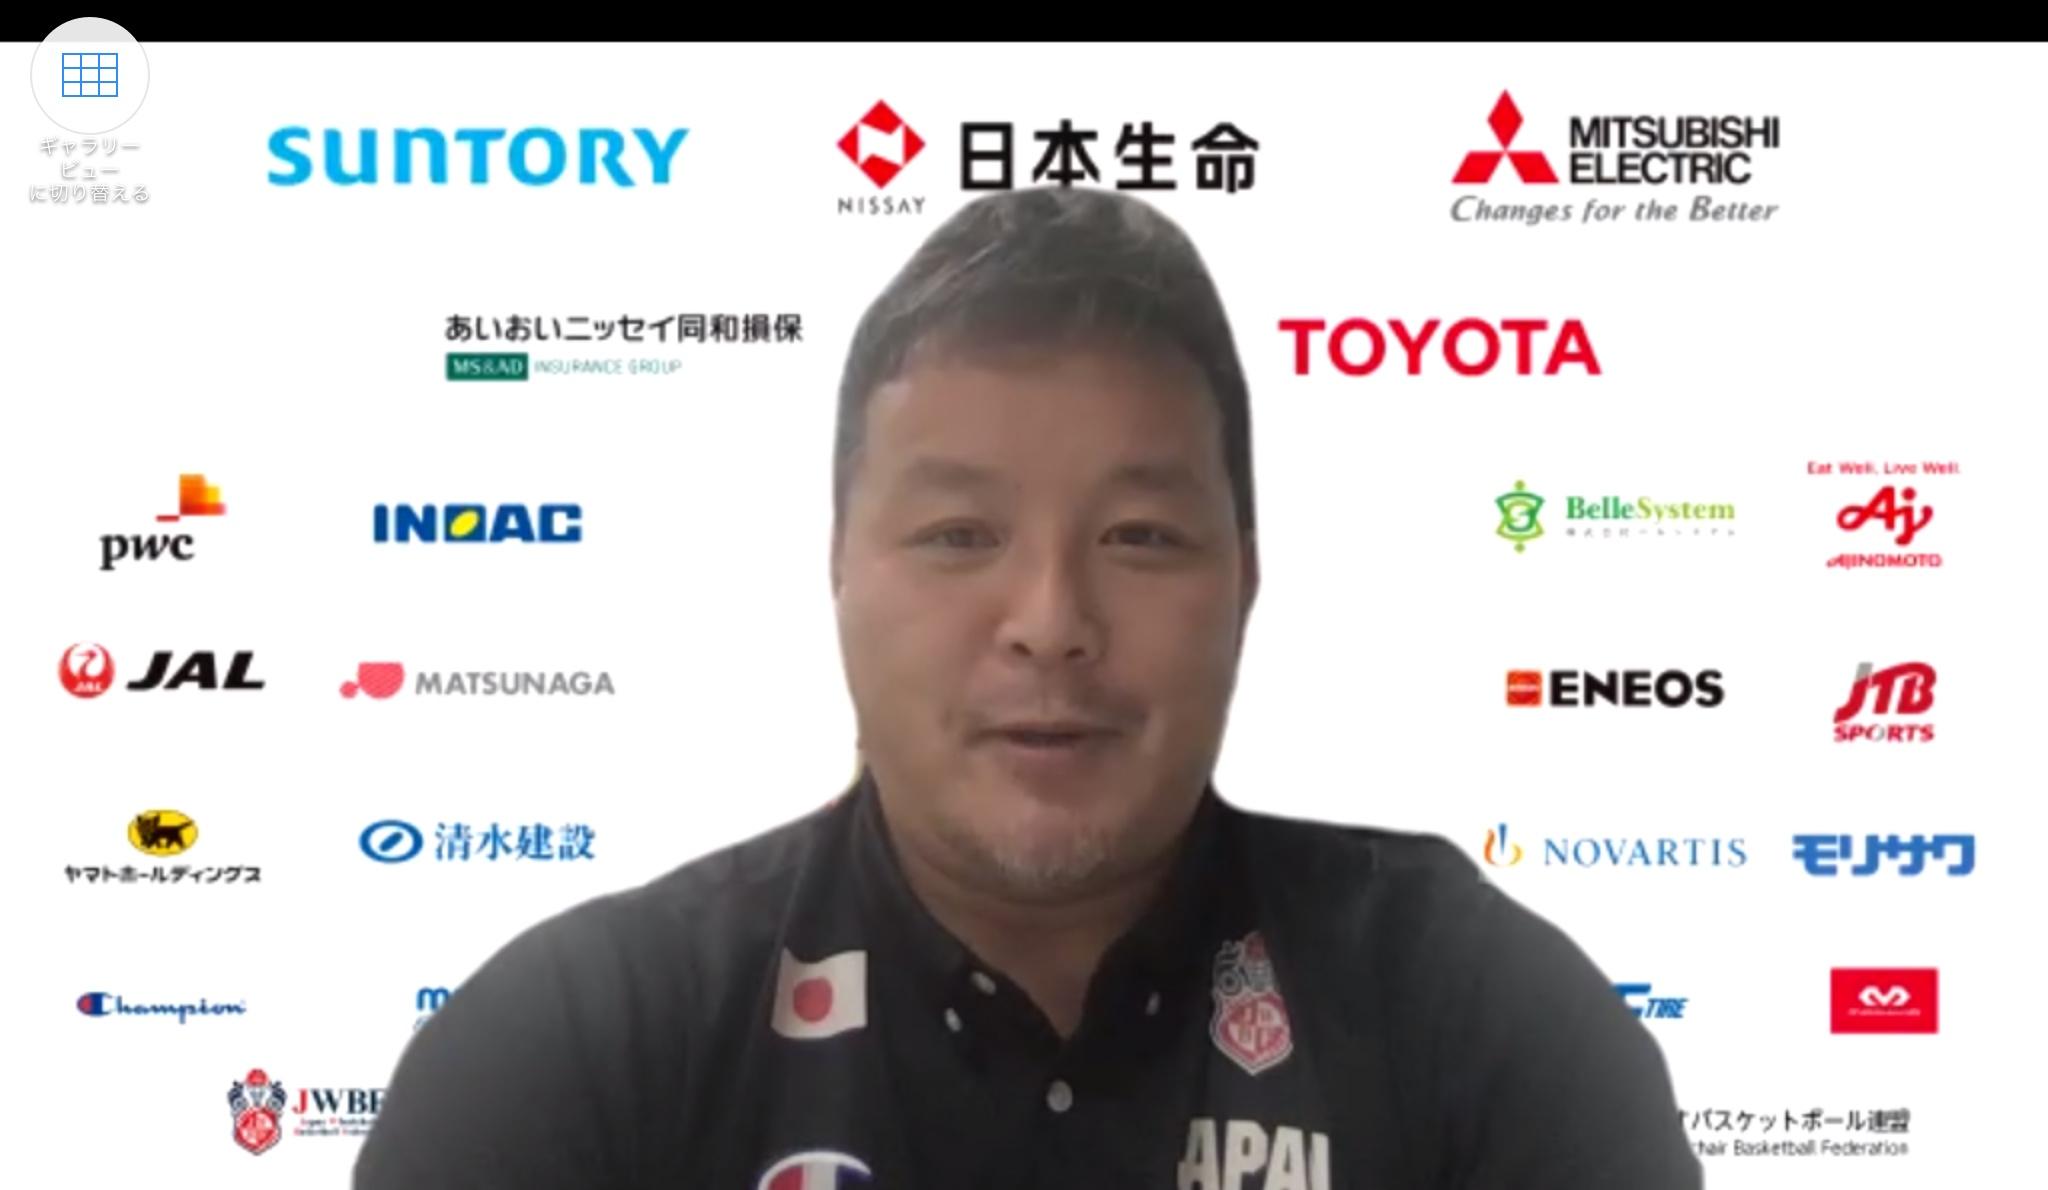 インタビューに応じる京谷和幸